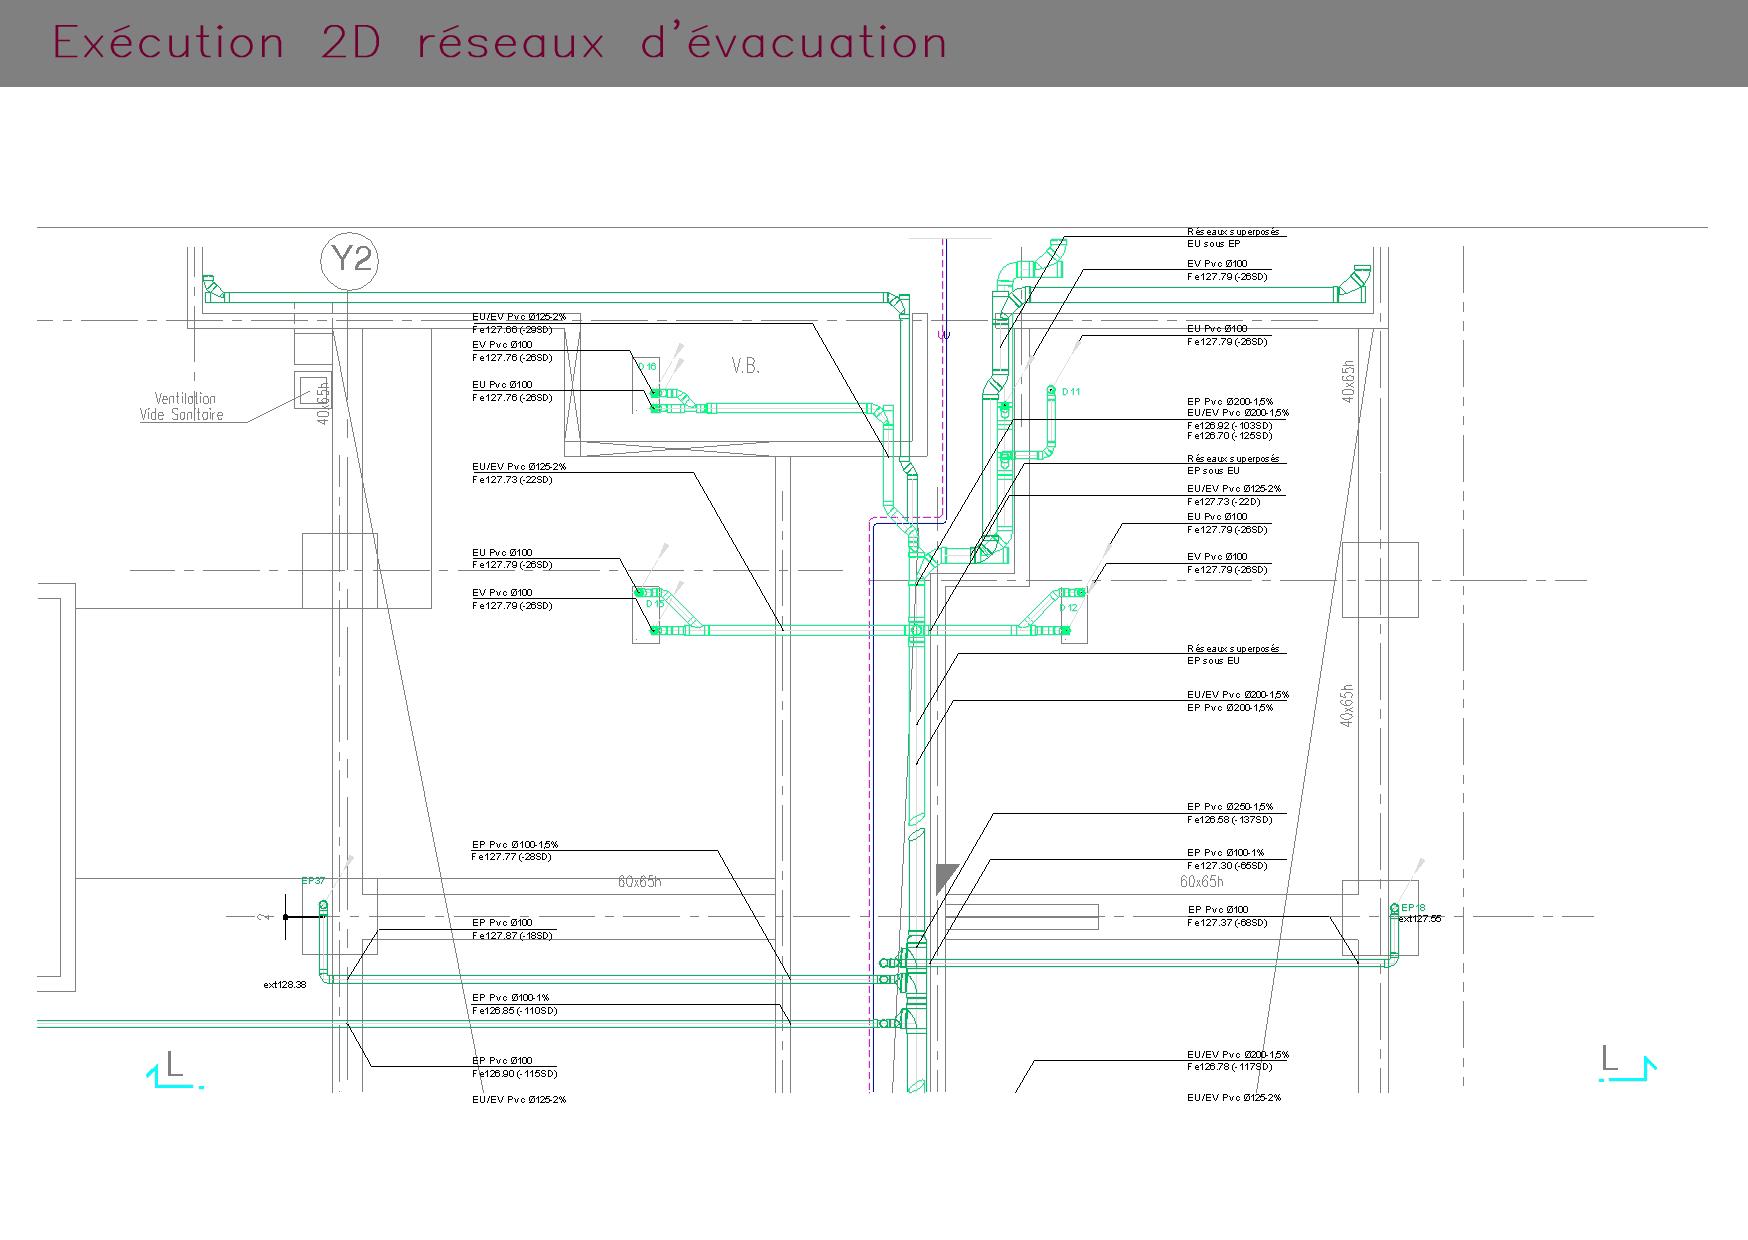 Plan d'exécution en 2D d'un réseau d'évacuation